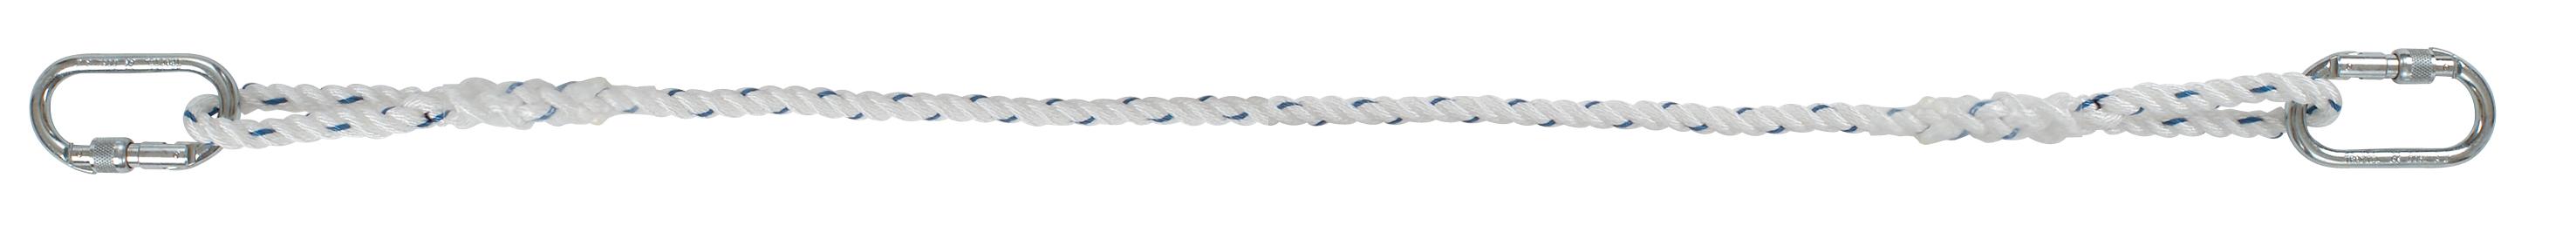 Rope Lanyard-Restraint Lanyard